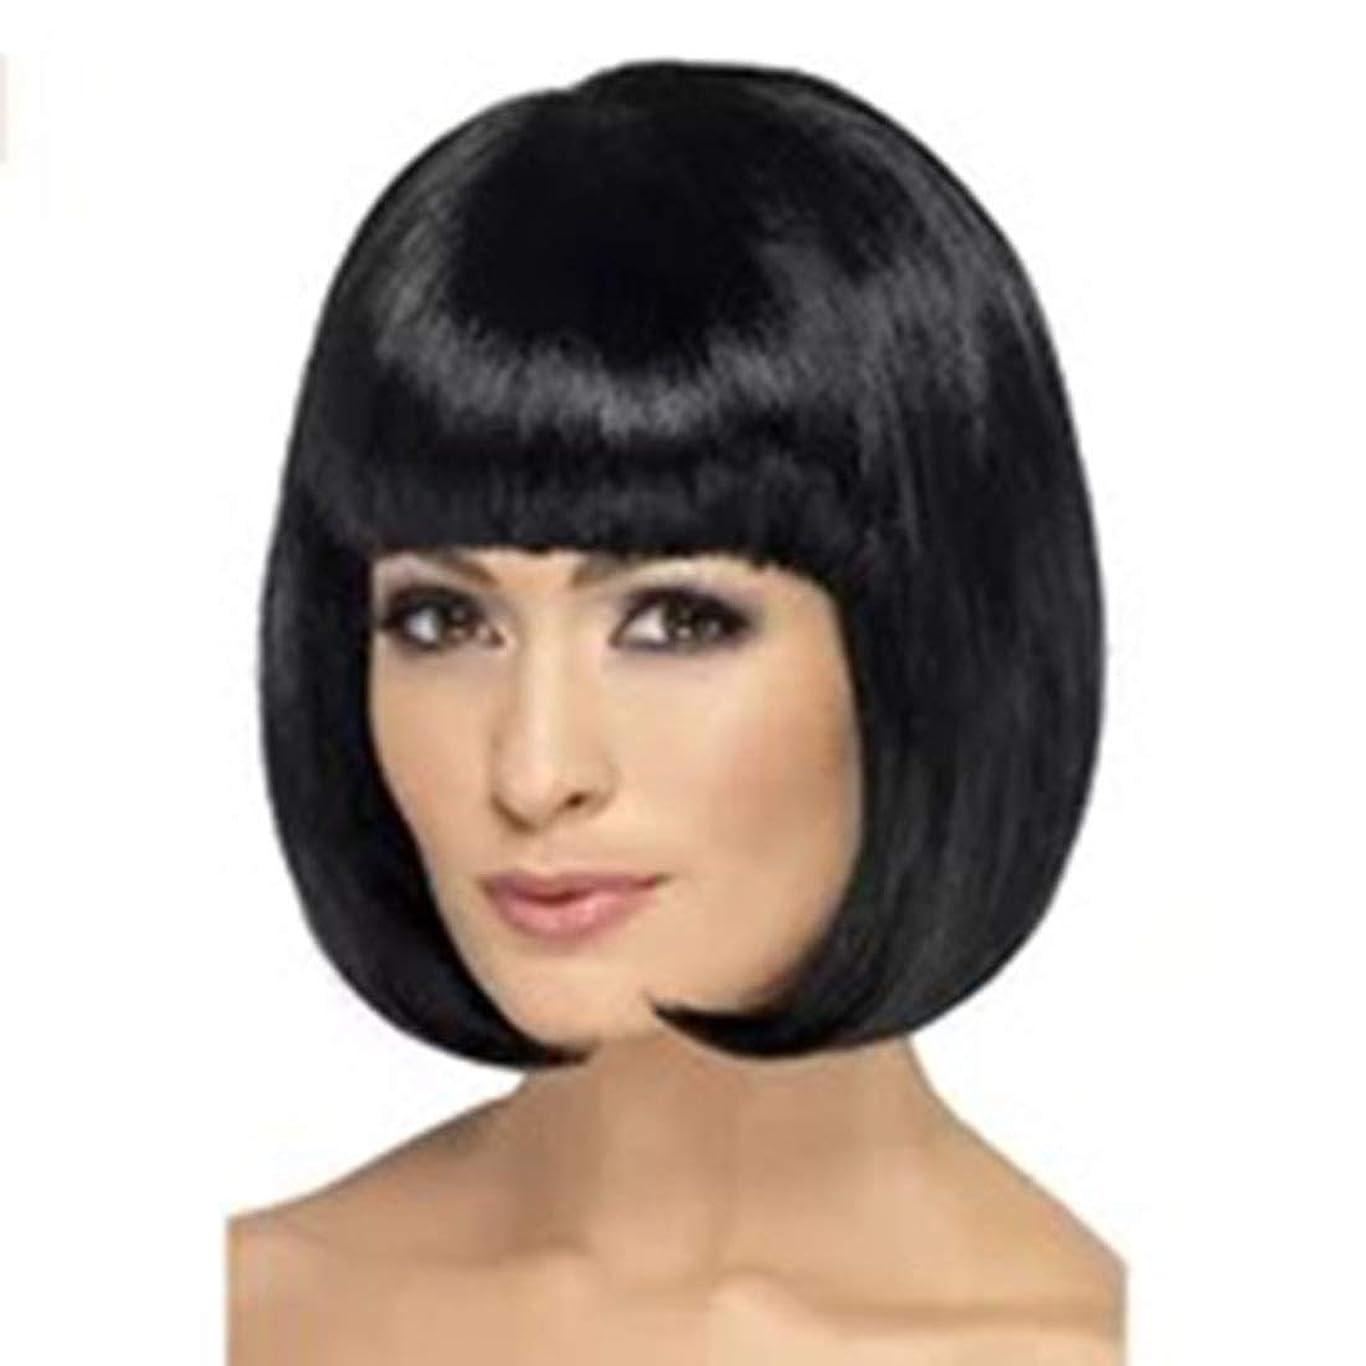 懲らしめほこり着服Summerys ボブかつら女性のための平らな前髪ふわふわ自然耐熱交換かつら完全な合成かつら